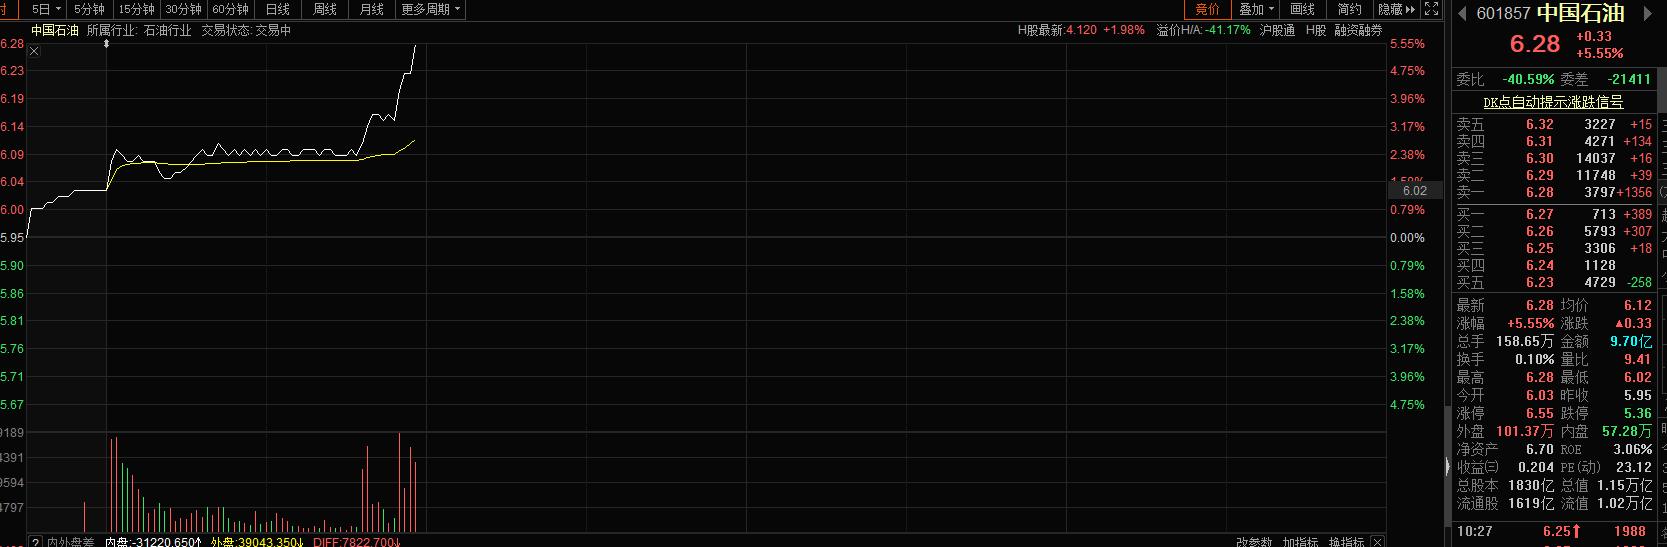 两桶油快速拉升:中石油大涨5% 股价创近2个月新高